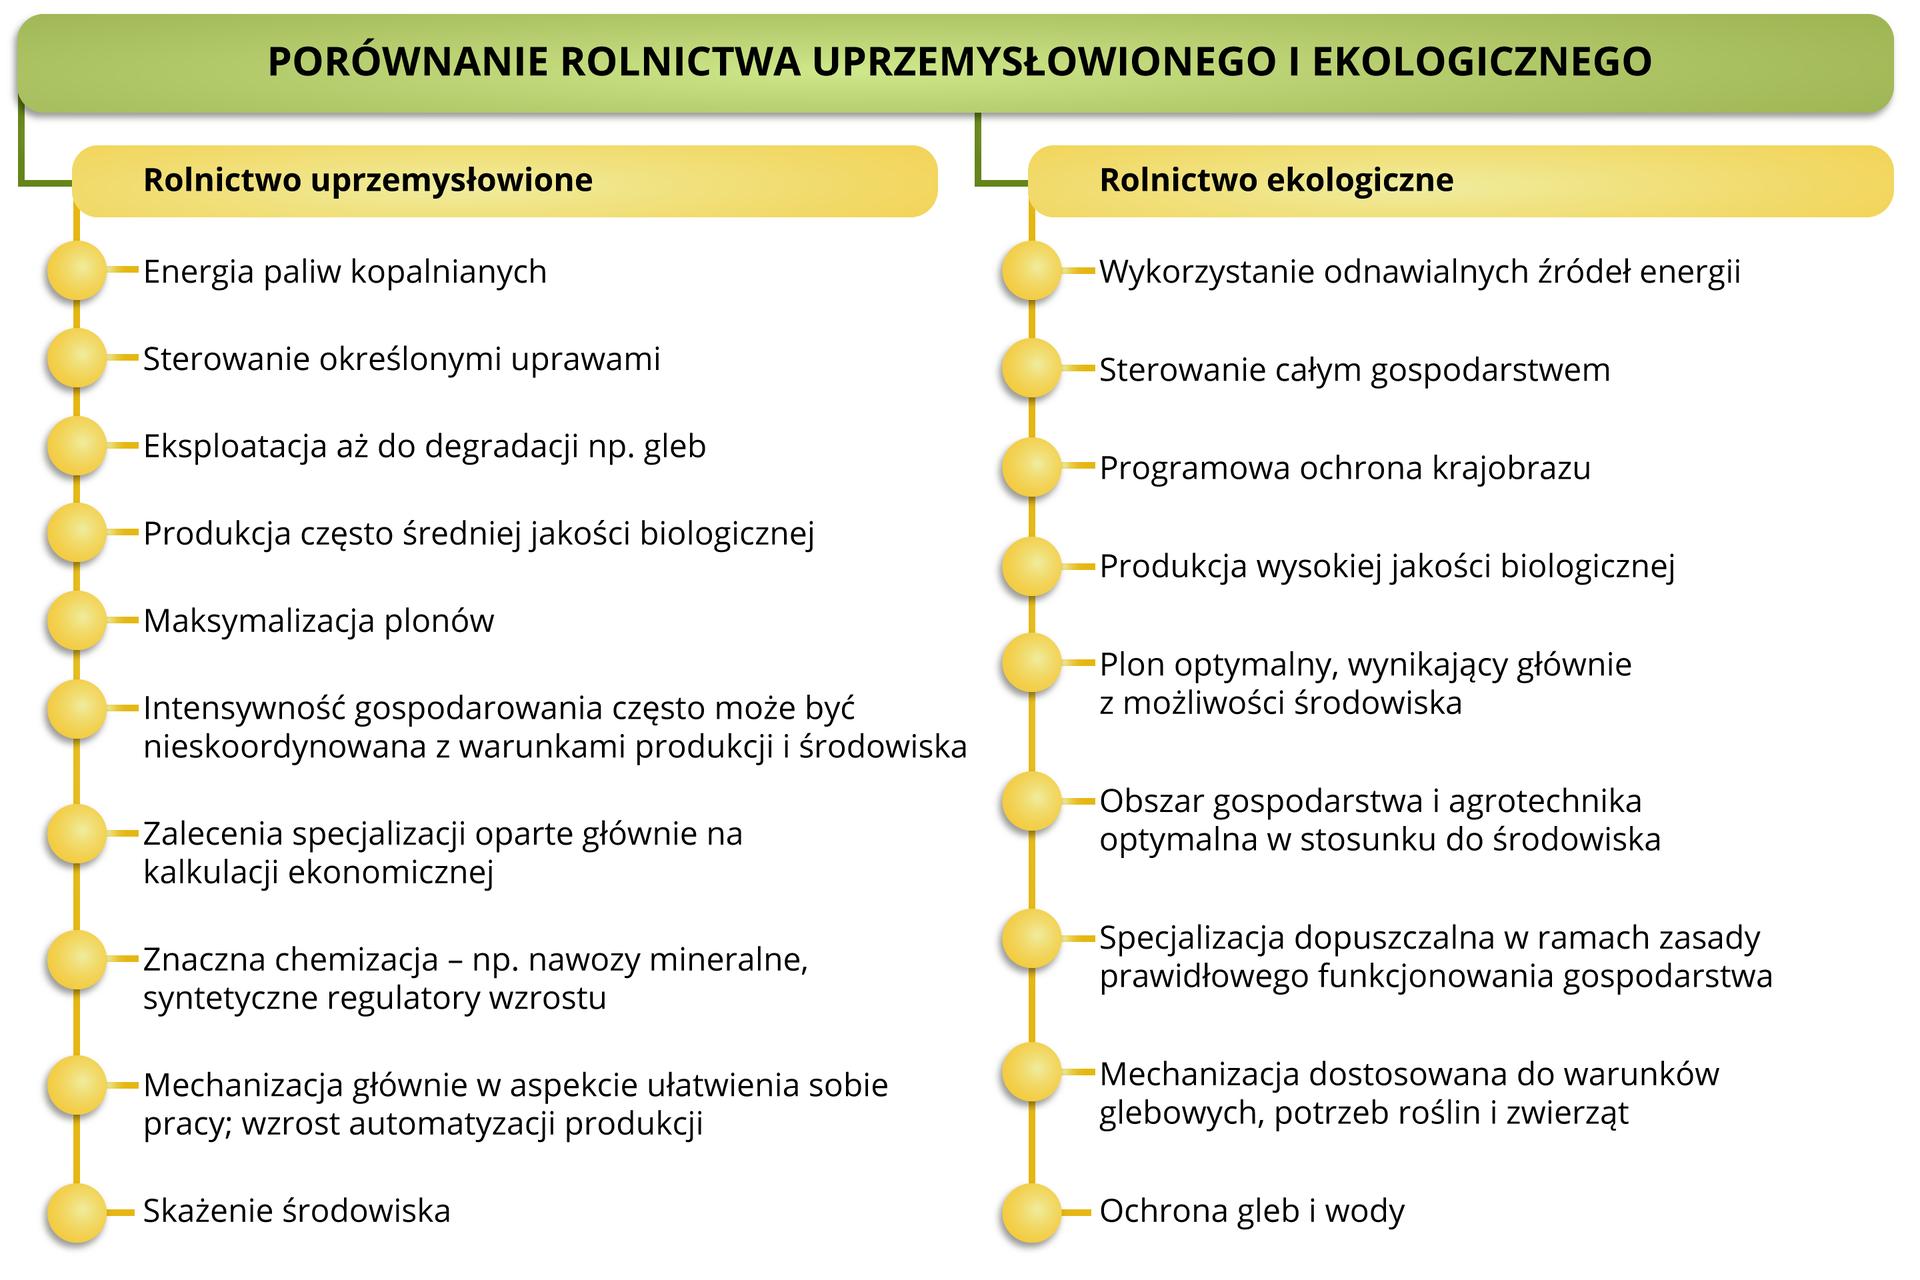 porównanie rolnictwa uprzemysłowionego iekologicznego Źródło Englishsquare.pl Sp. zo.o., licencja CC BY-SA 3.0., Przyczyny rozwoju iskutki rolnictwa uprzemysłowionego iekologicznego